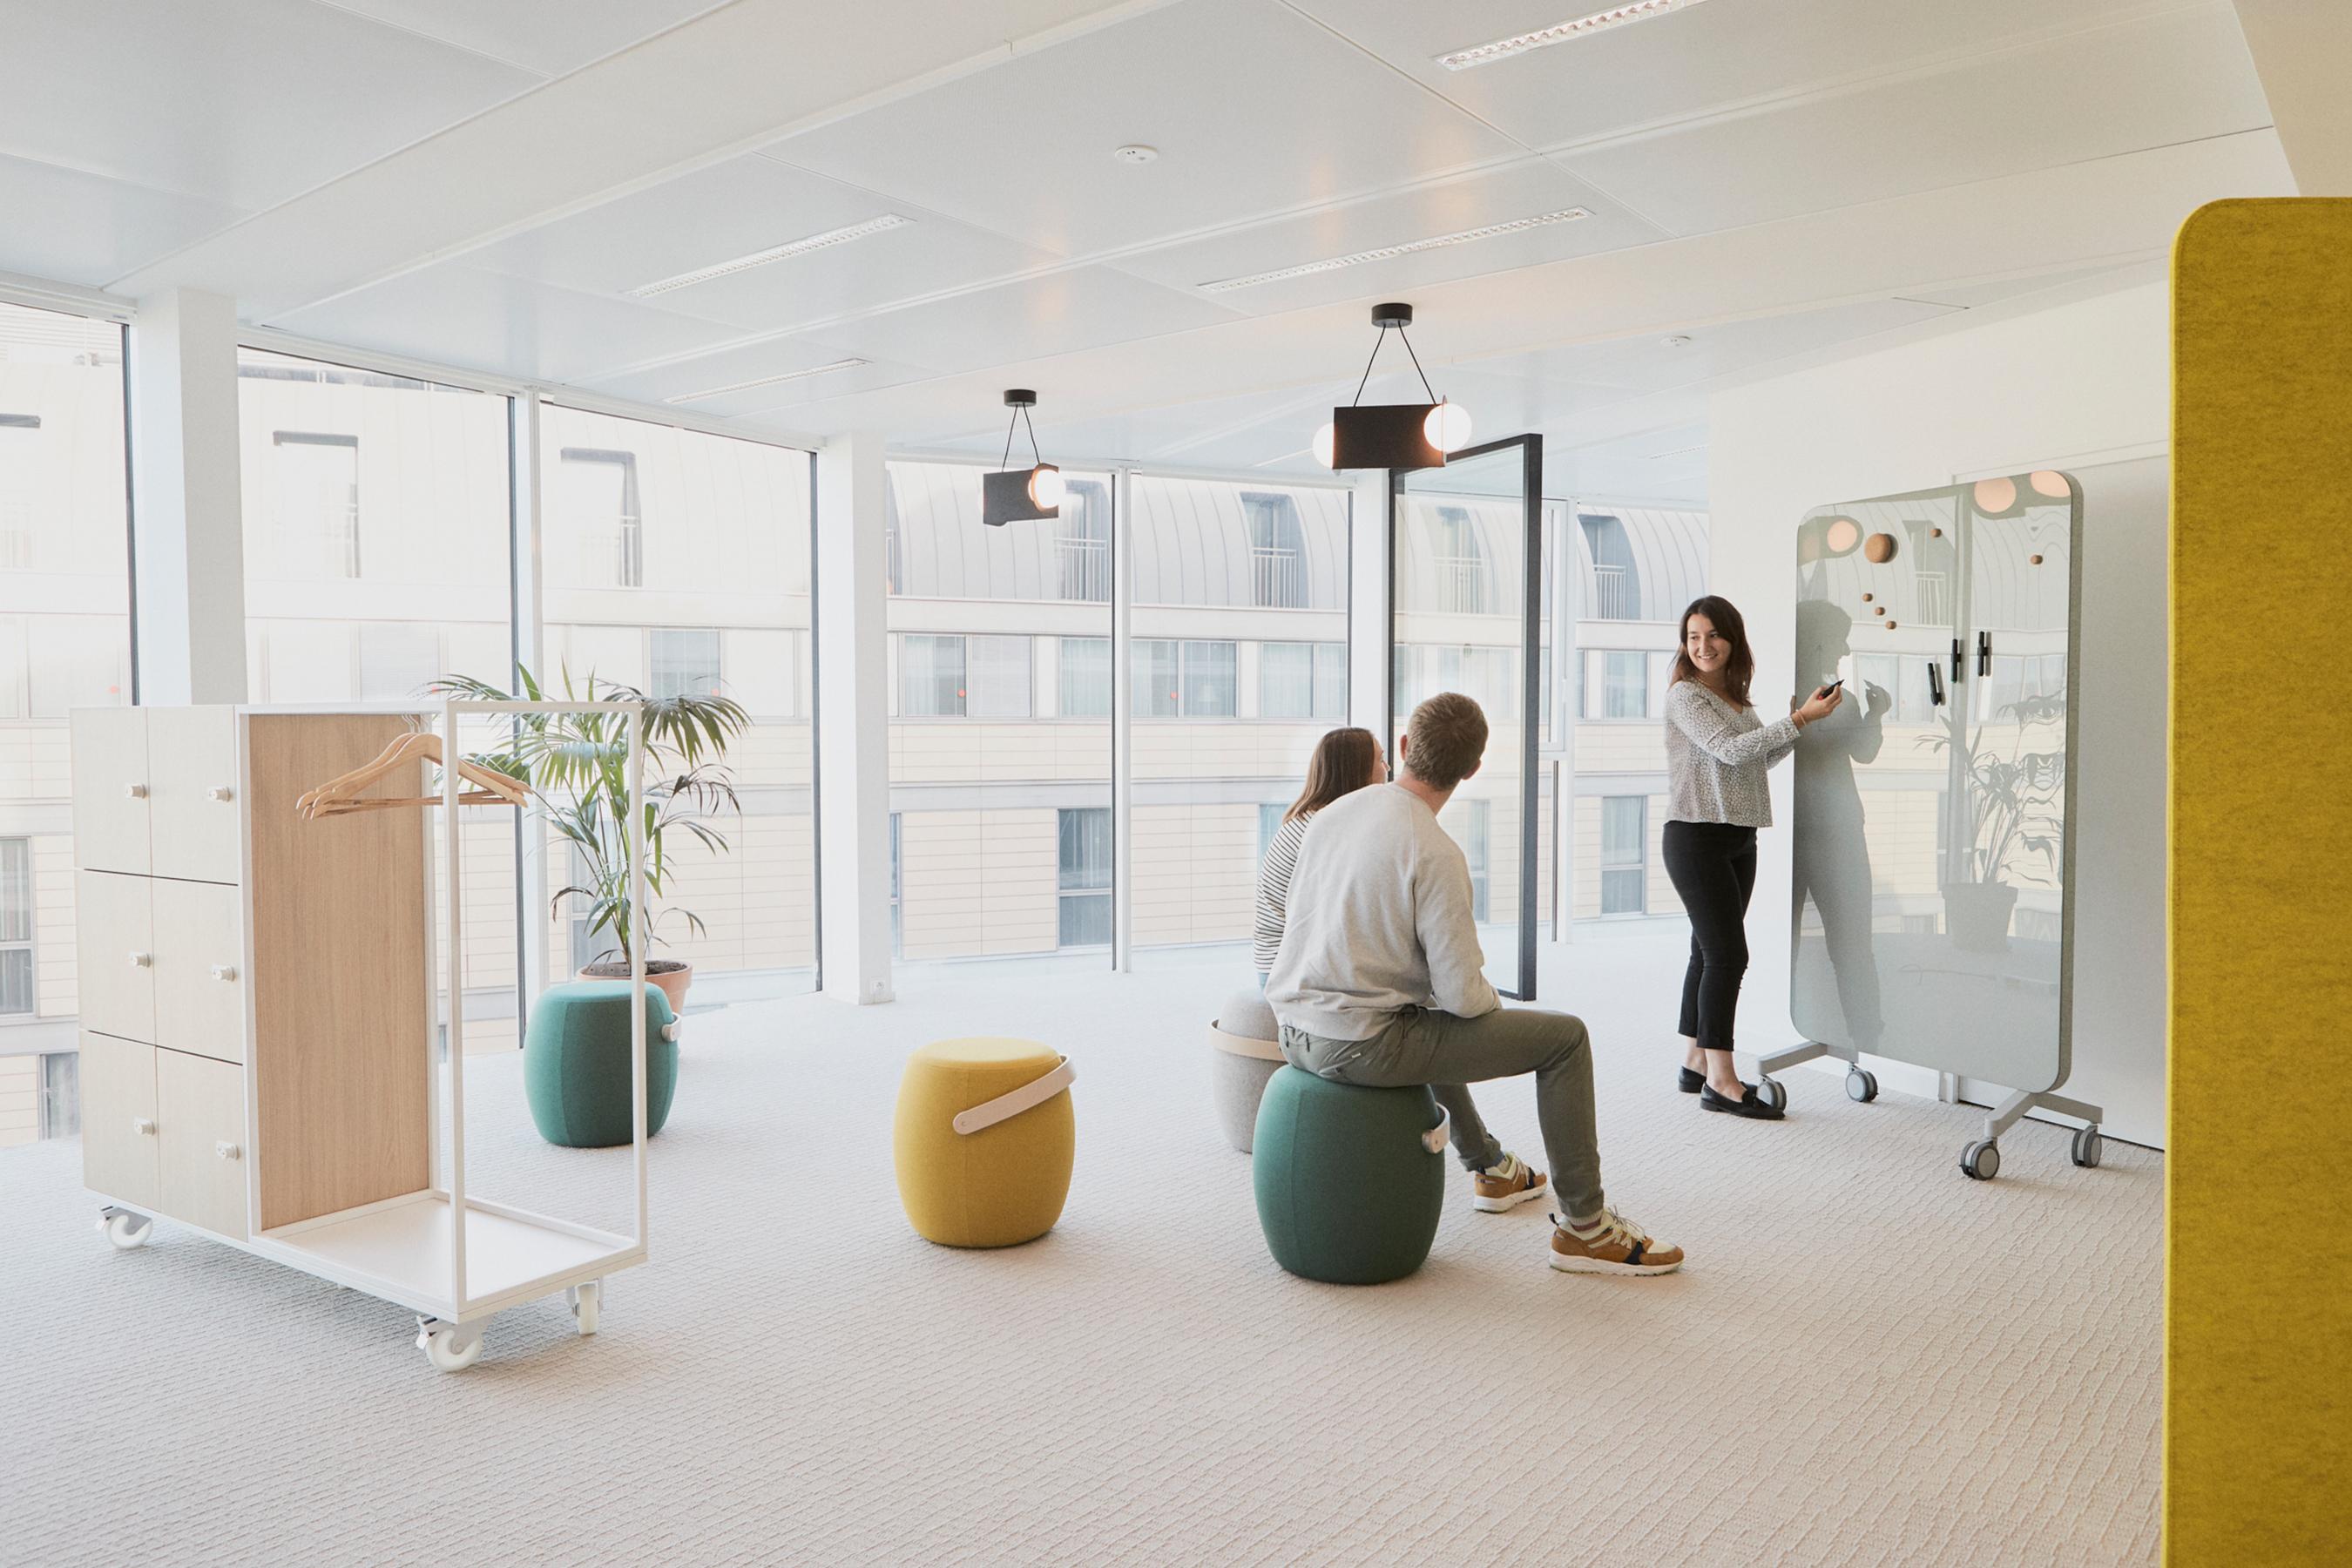 Aménagement espace bureau - salle avec outils créatifs